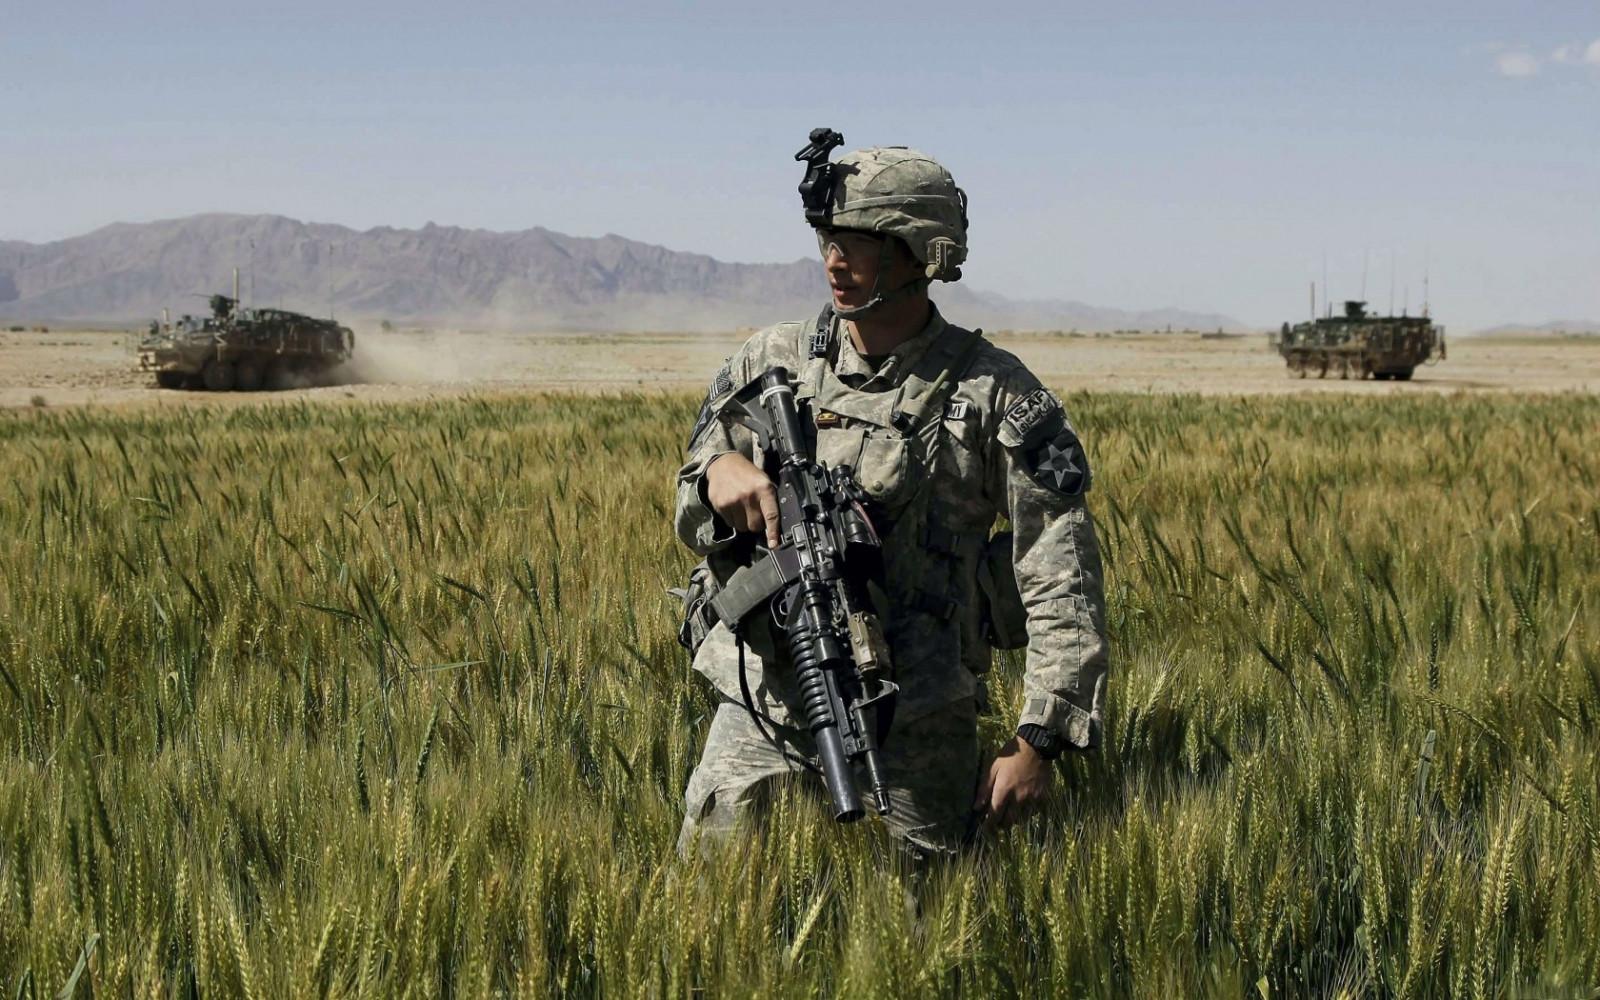 Картинка с военными солдатами, гости